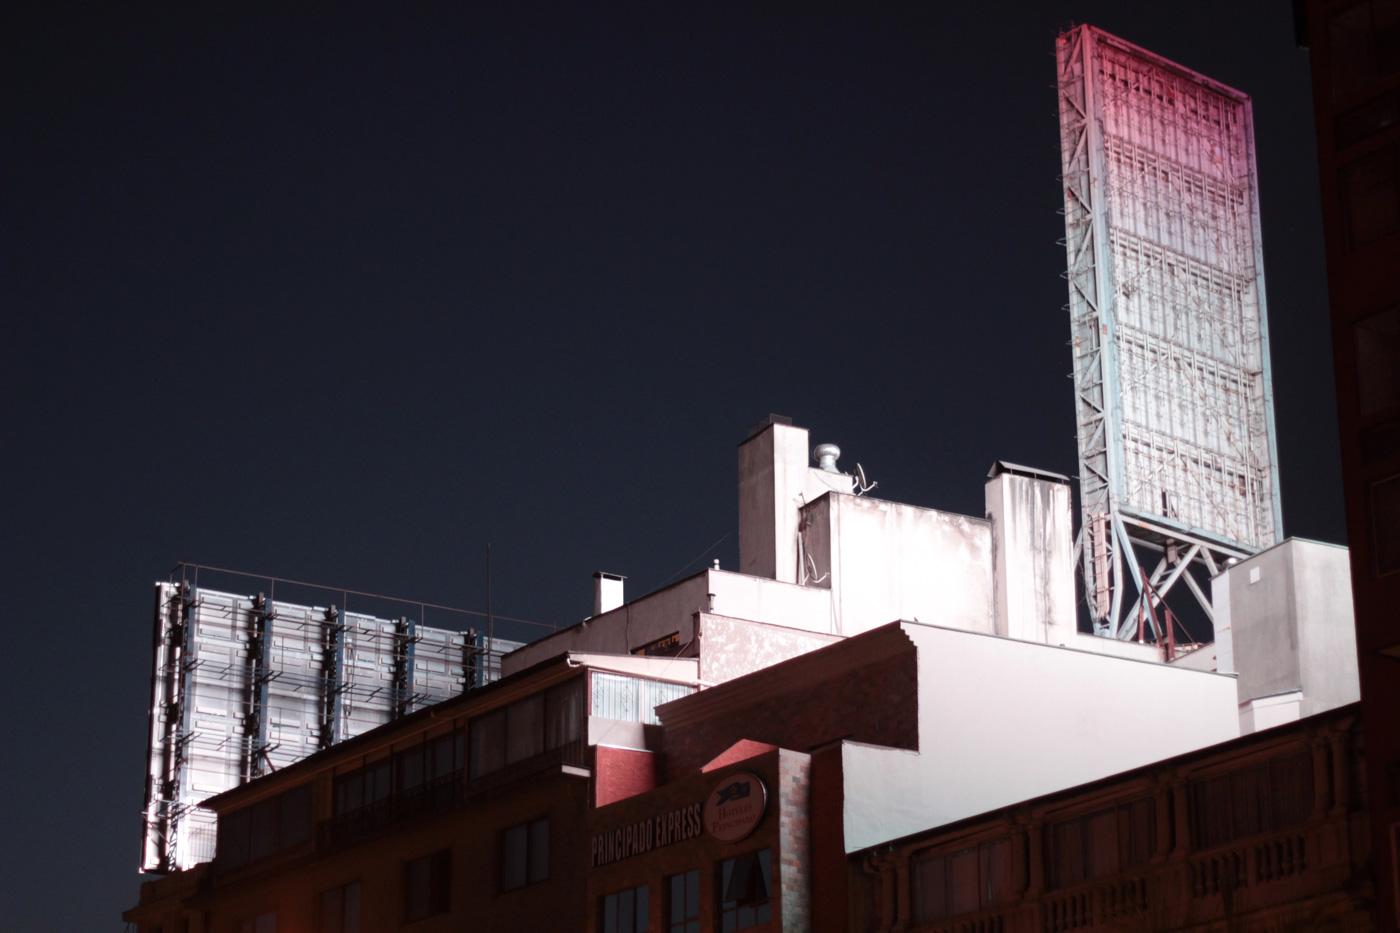 Edificios de la Alameda iluminados por cartel publicitario.